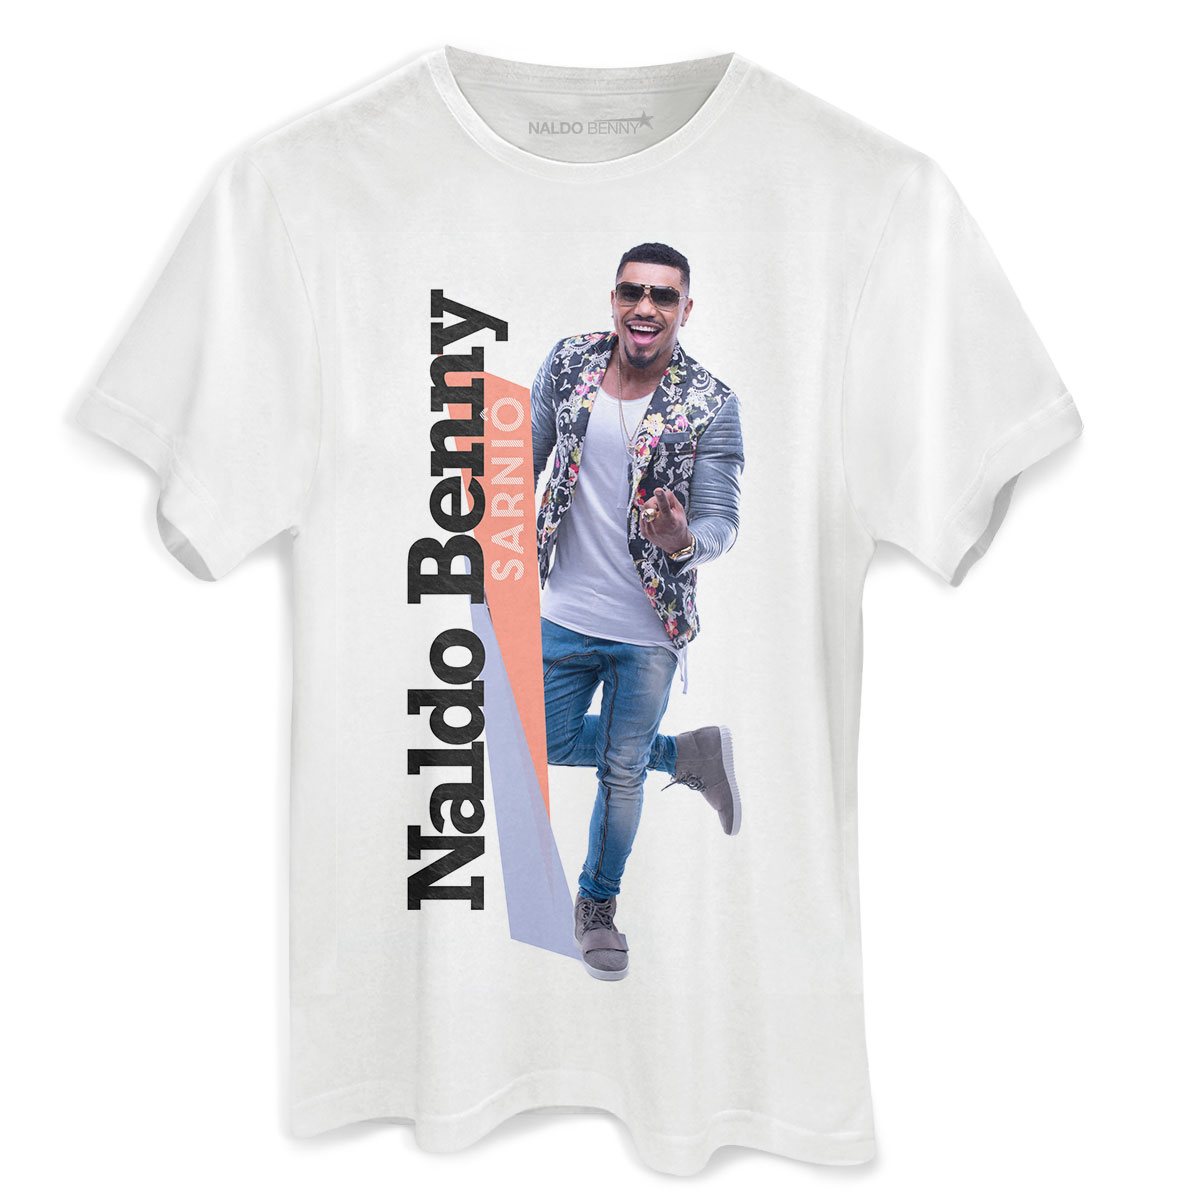 Camiseta Masculina Naldo Benny Sarniô